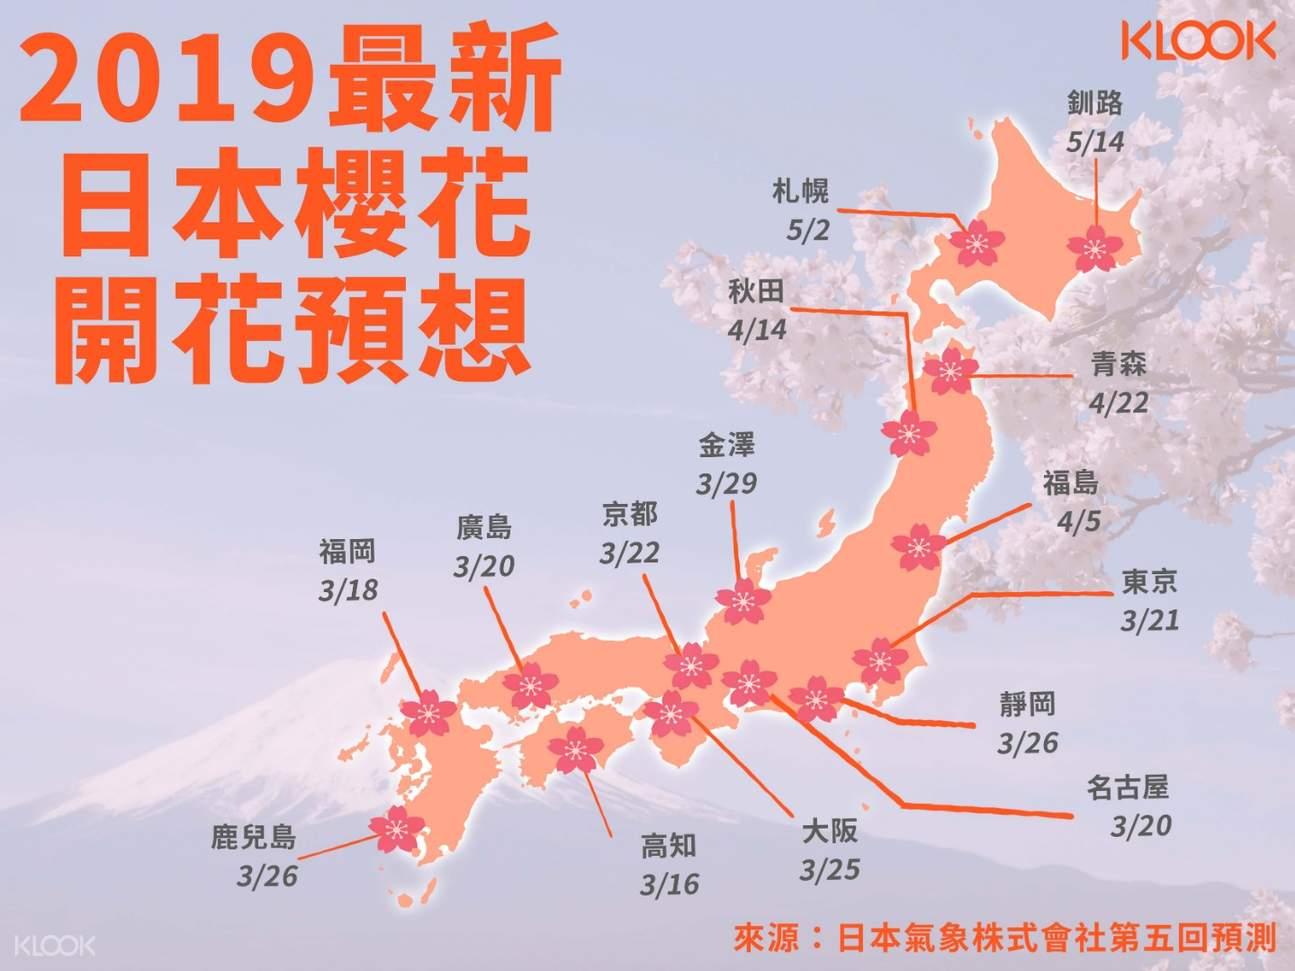 JR 四國鐵路周遊券